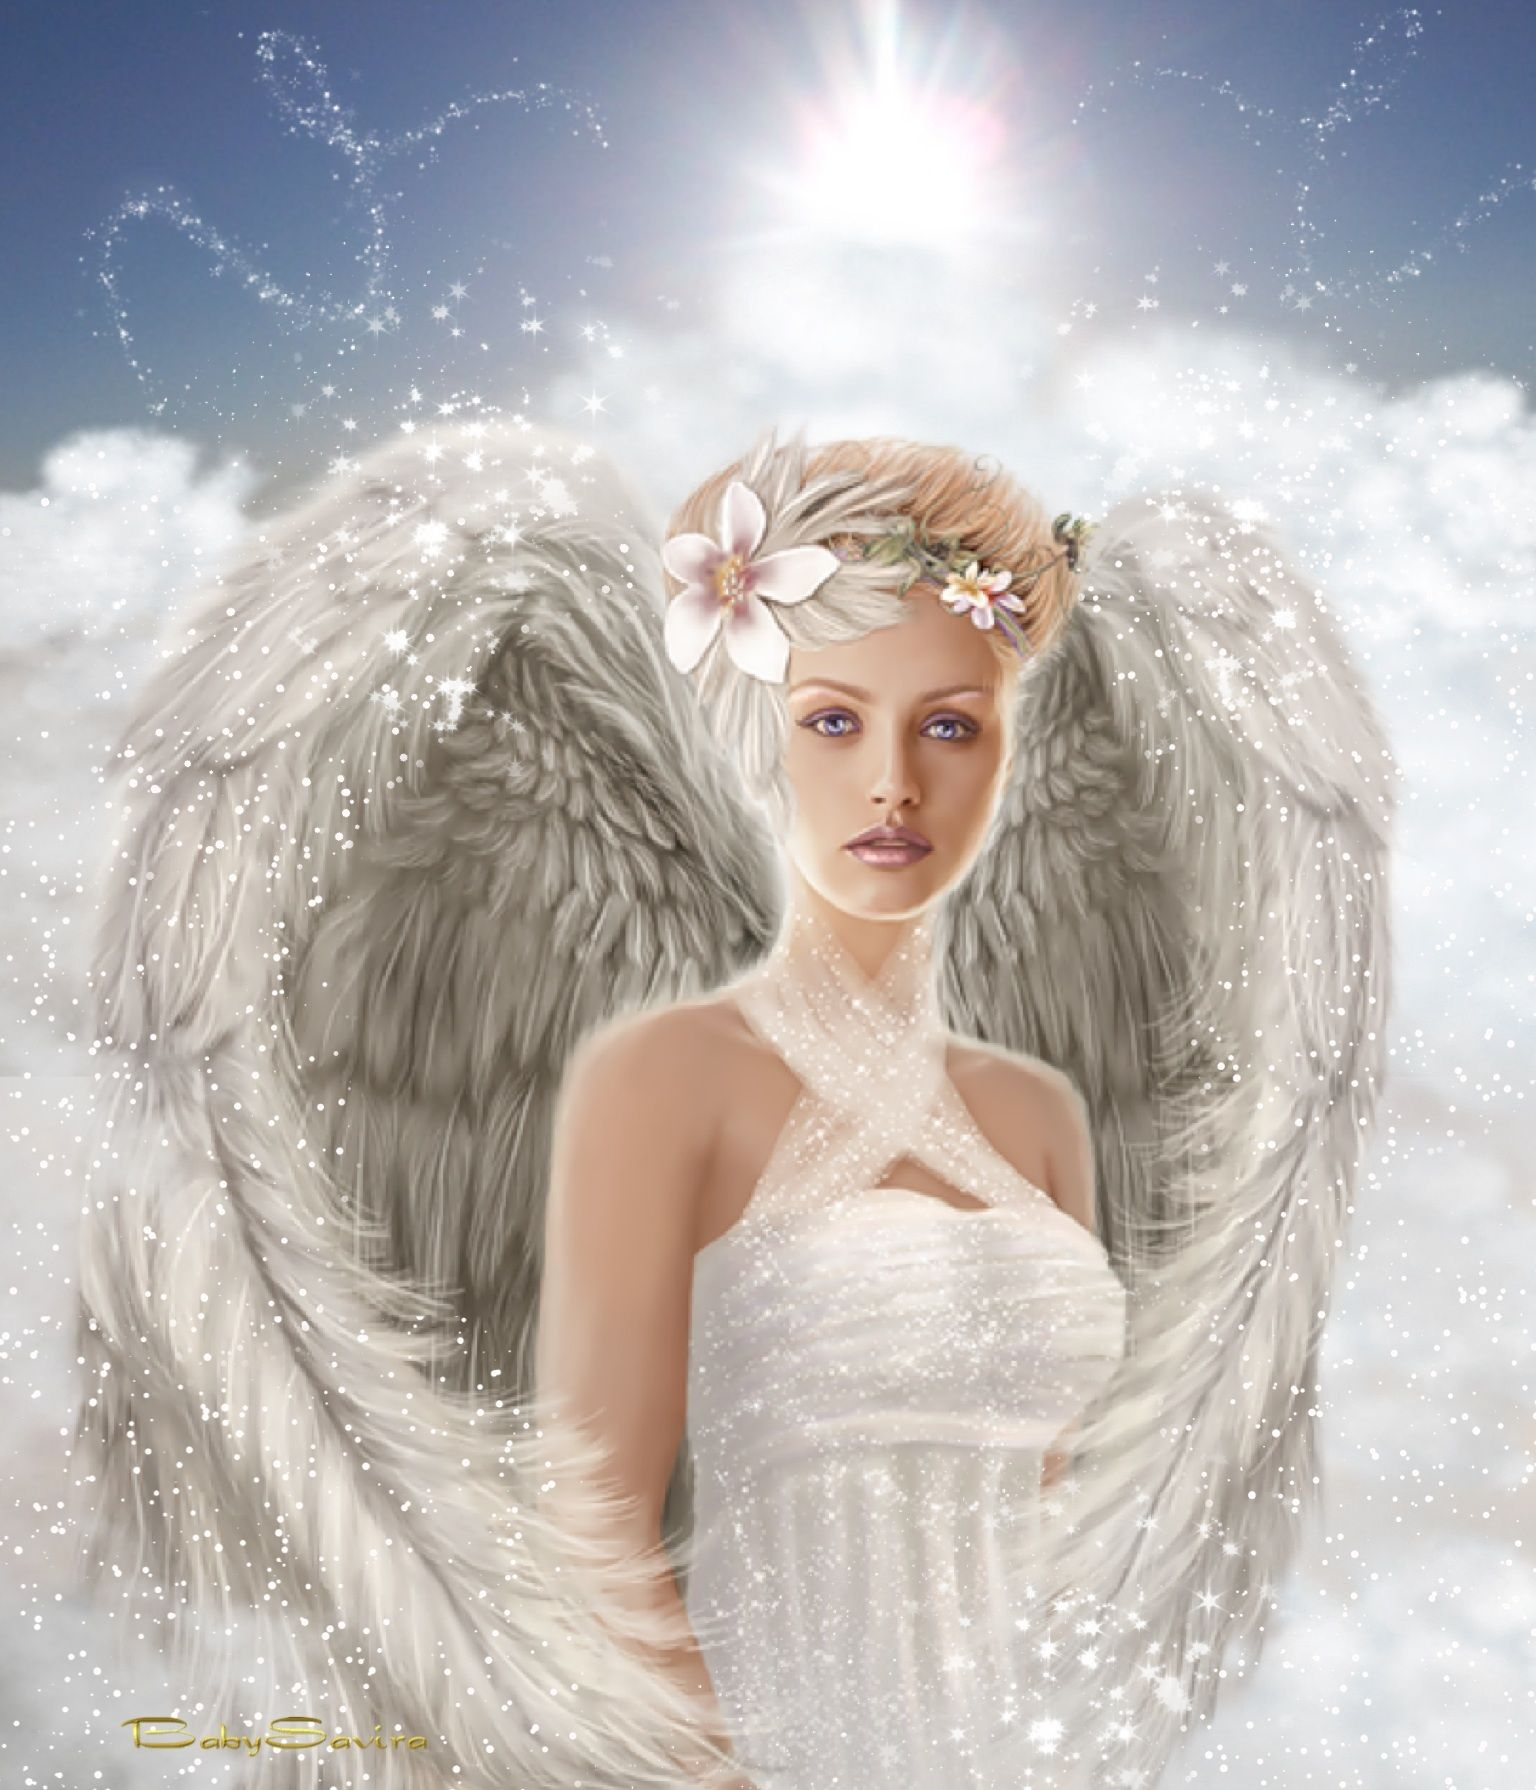 открытка с крыльями ход пошли